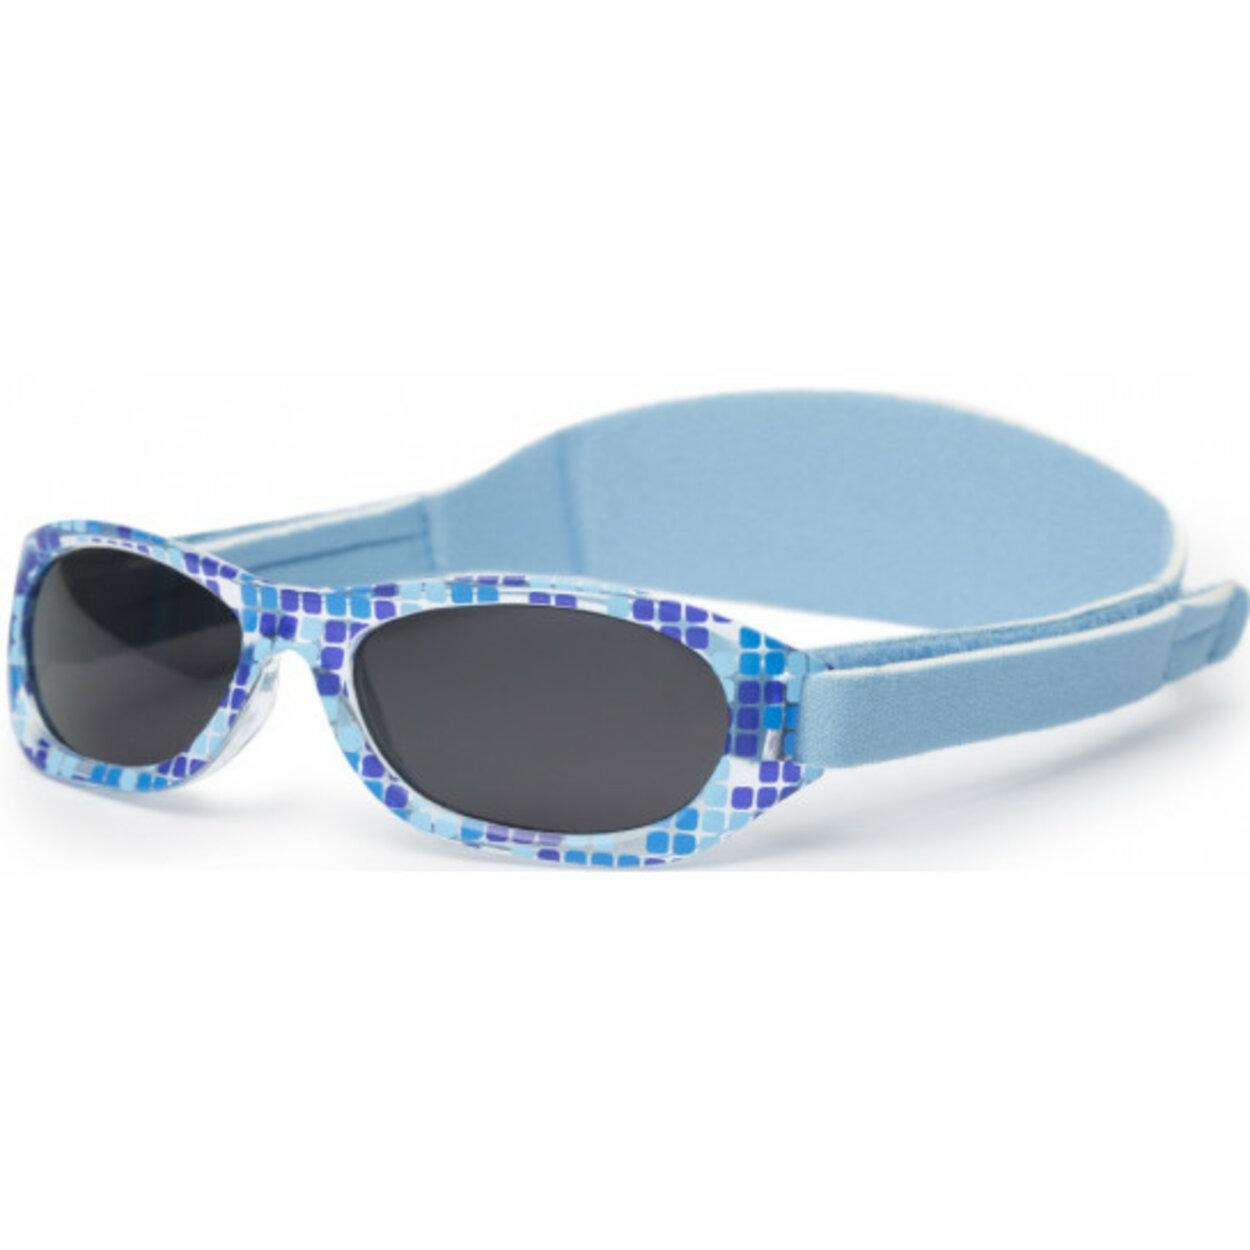 Okuliare slnečné nastaviteľné Blue Squares Kiddus 6e7346c64b2